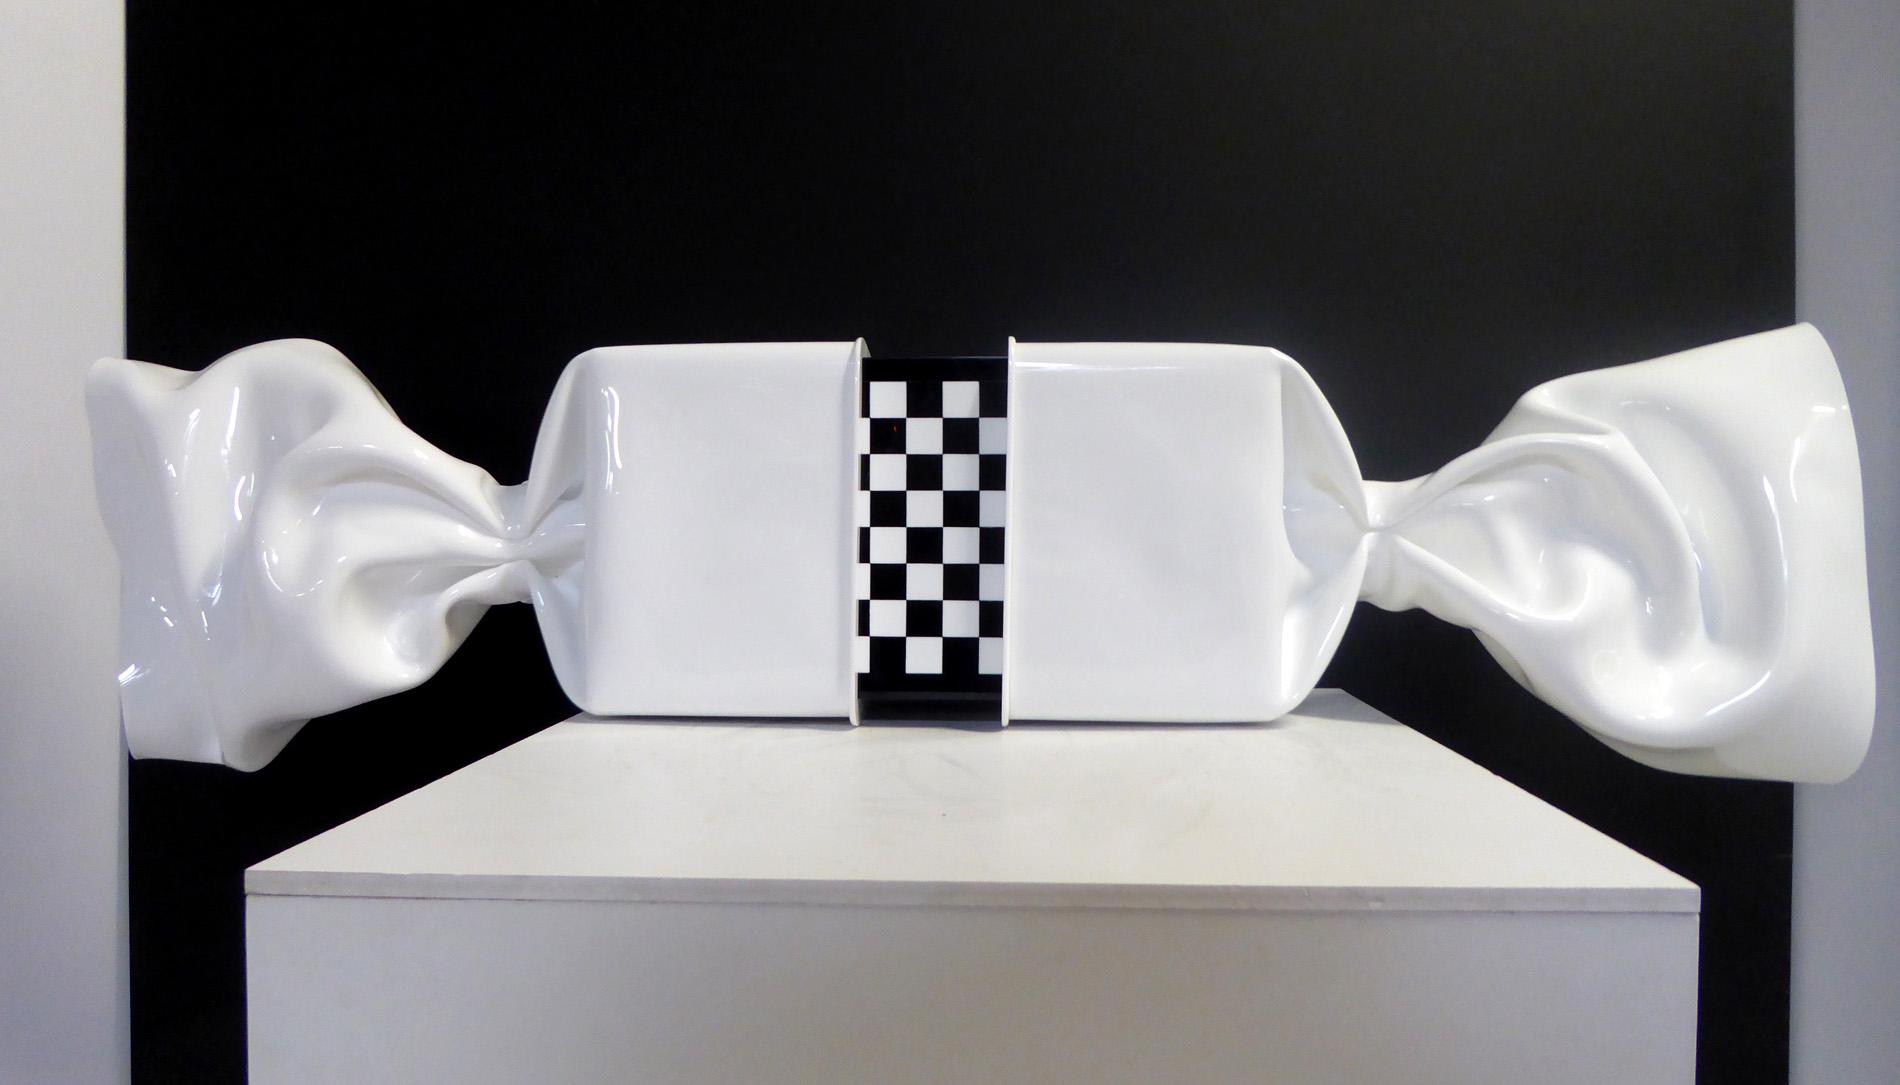 jenkell wrapping bonbon plexiglas blanc et noir